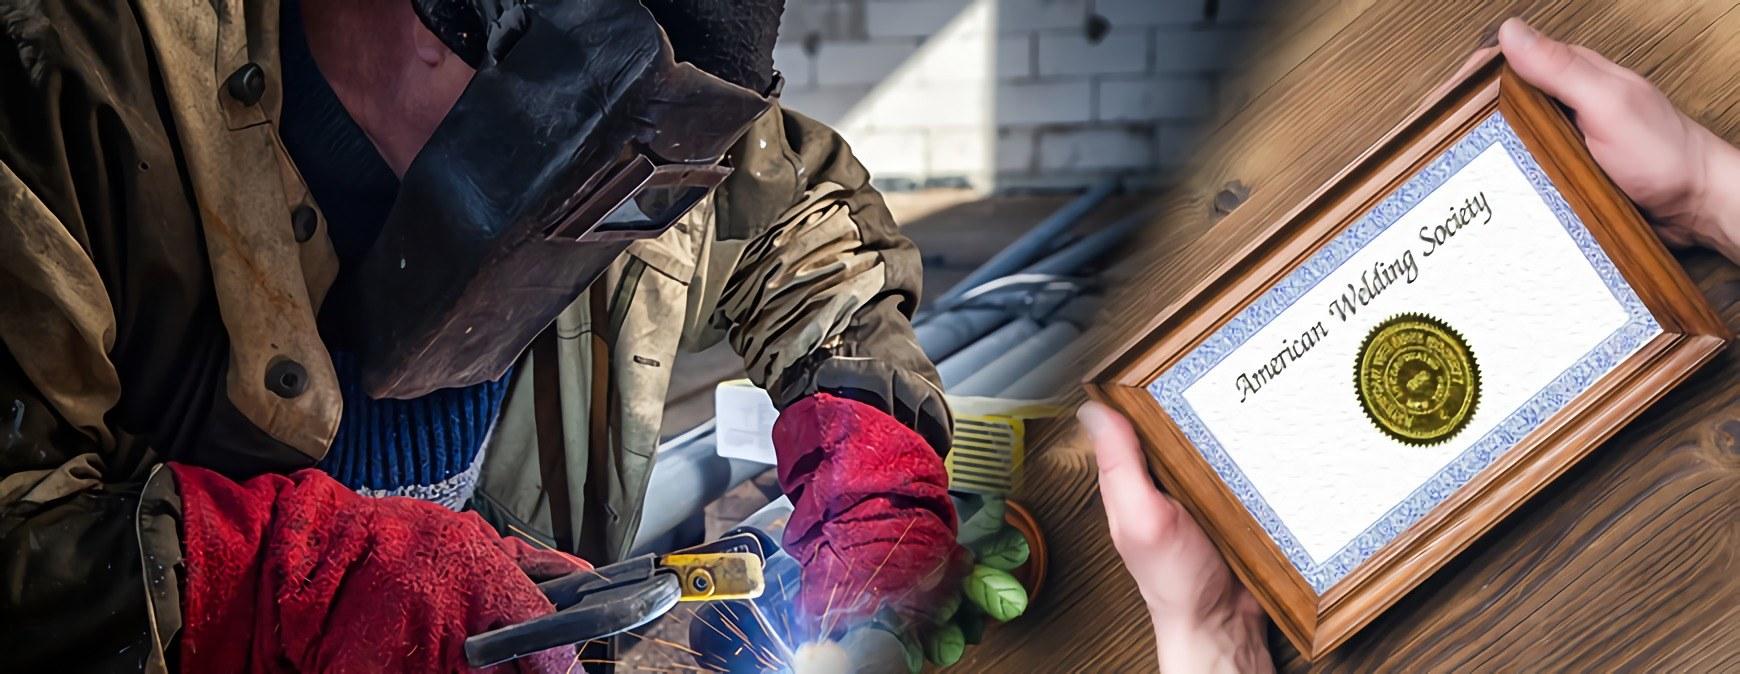 Welder with AWS Welding Certificate